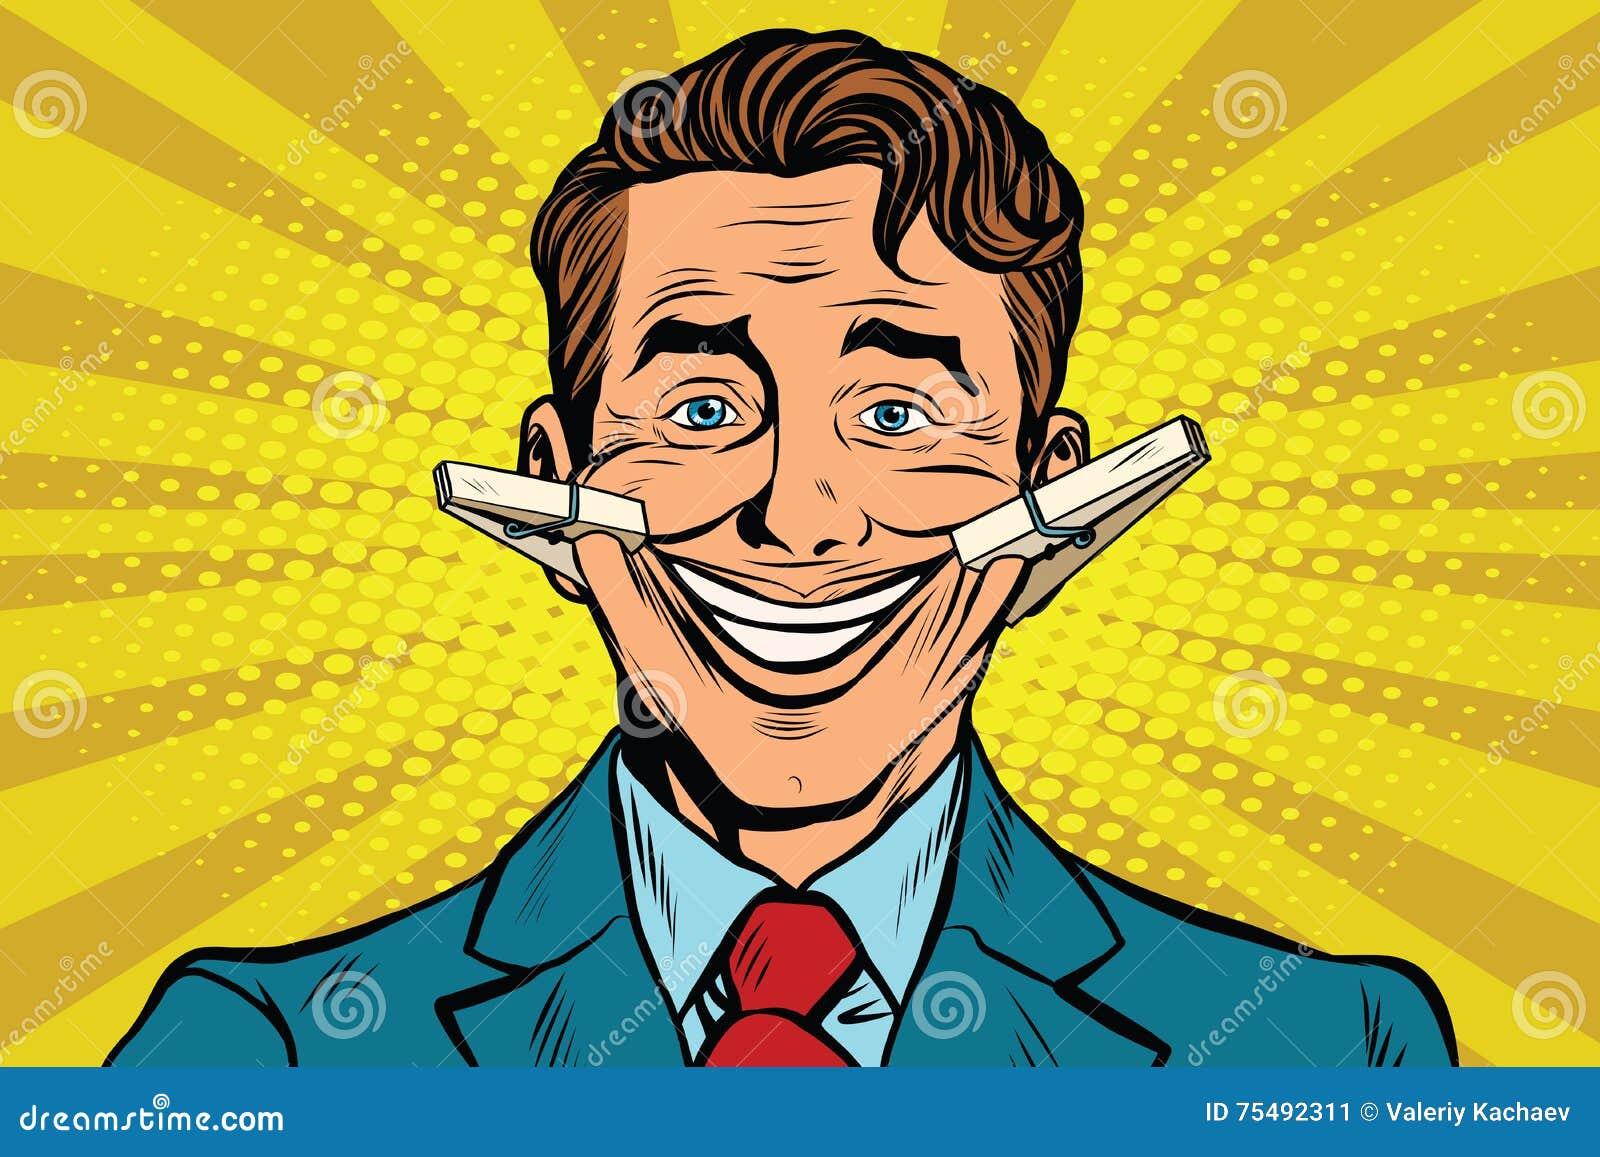 La Cara Falsa De La Sonrisa Con Las Pinzas Ilustración del Vector - Ilustración de arte, hombre: 75492311